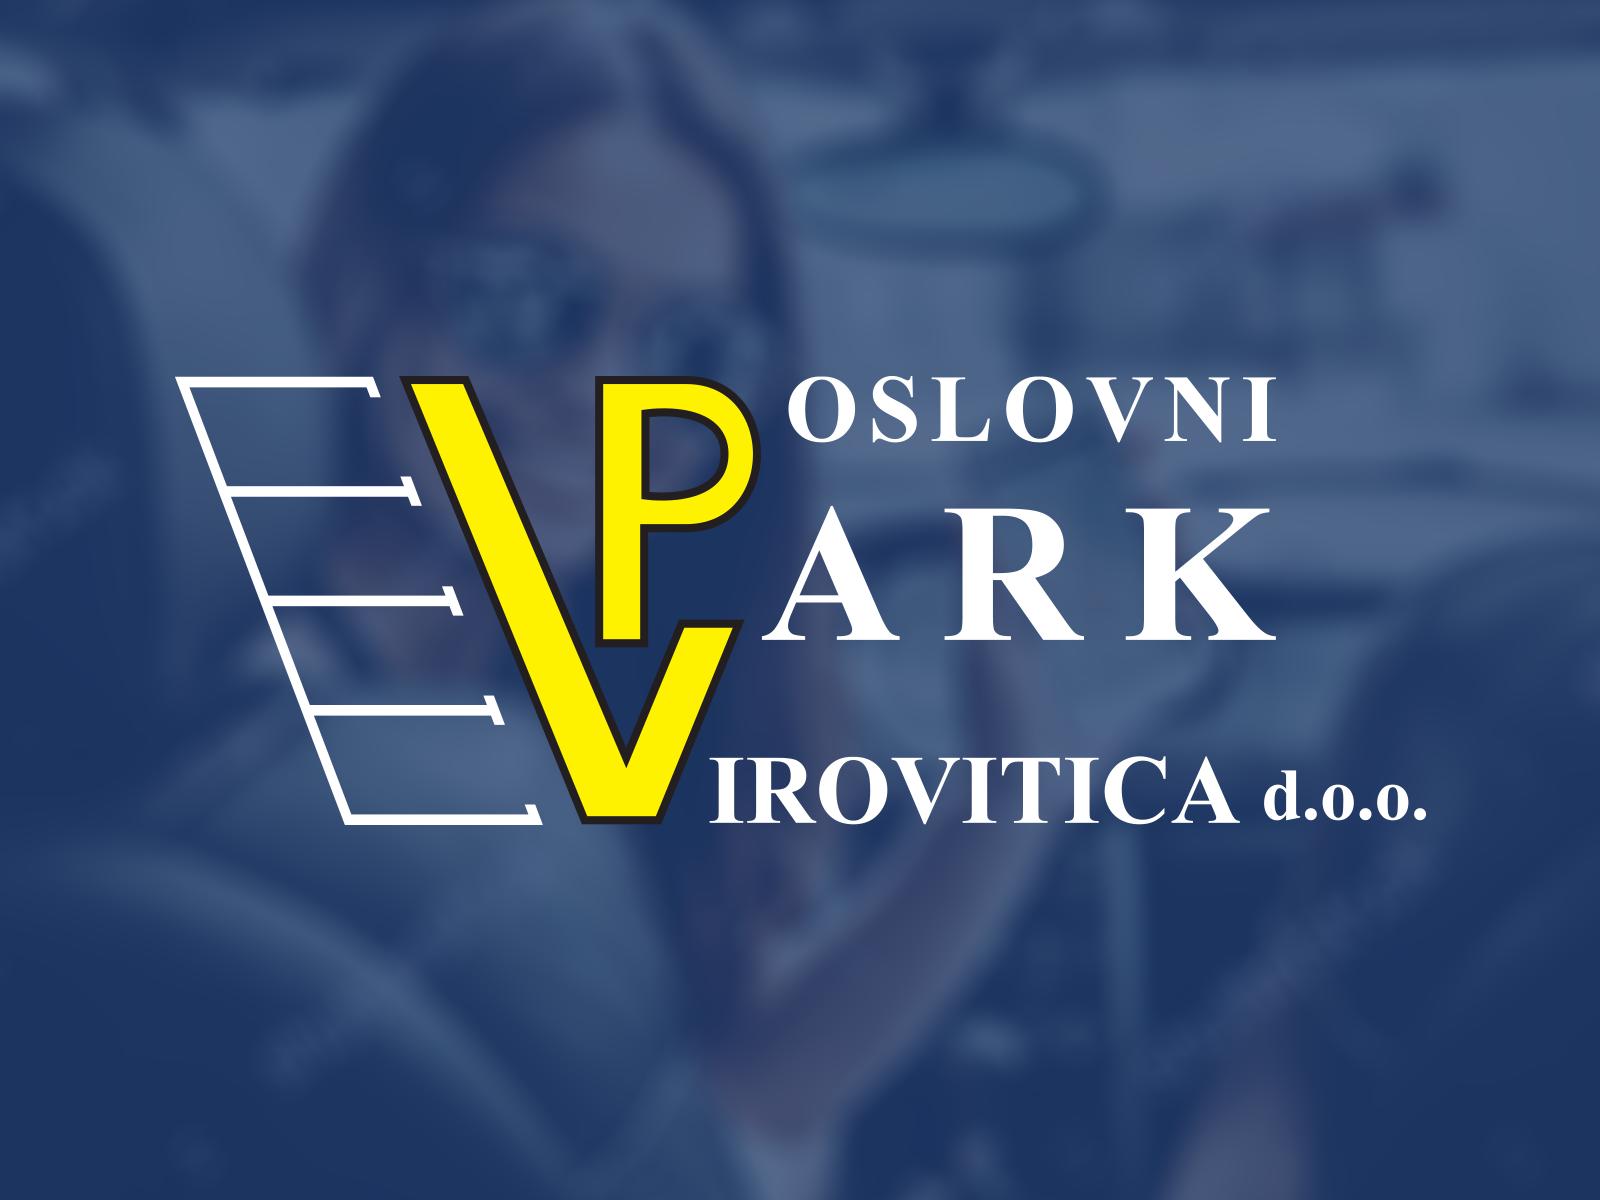 Besplatno parkiranje od 2 sata za osobe s invaliditetom